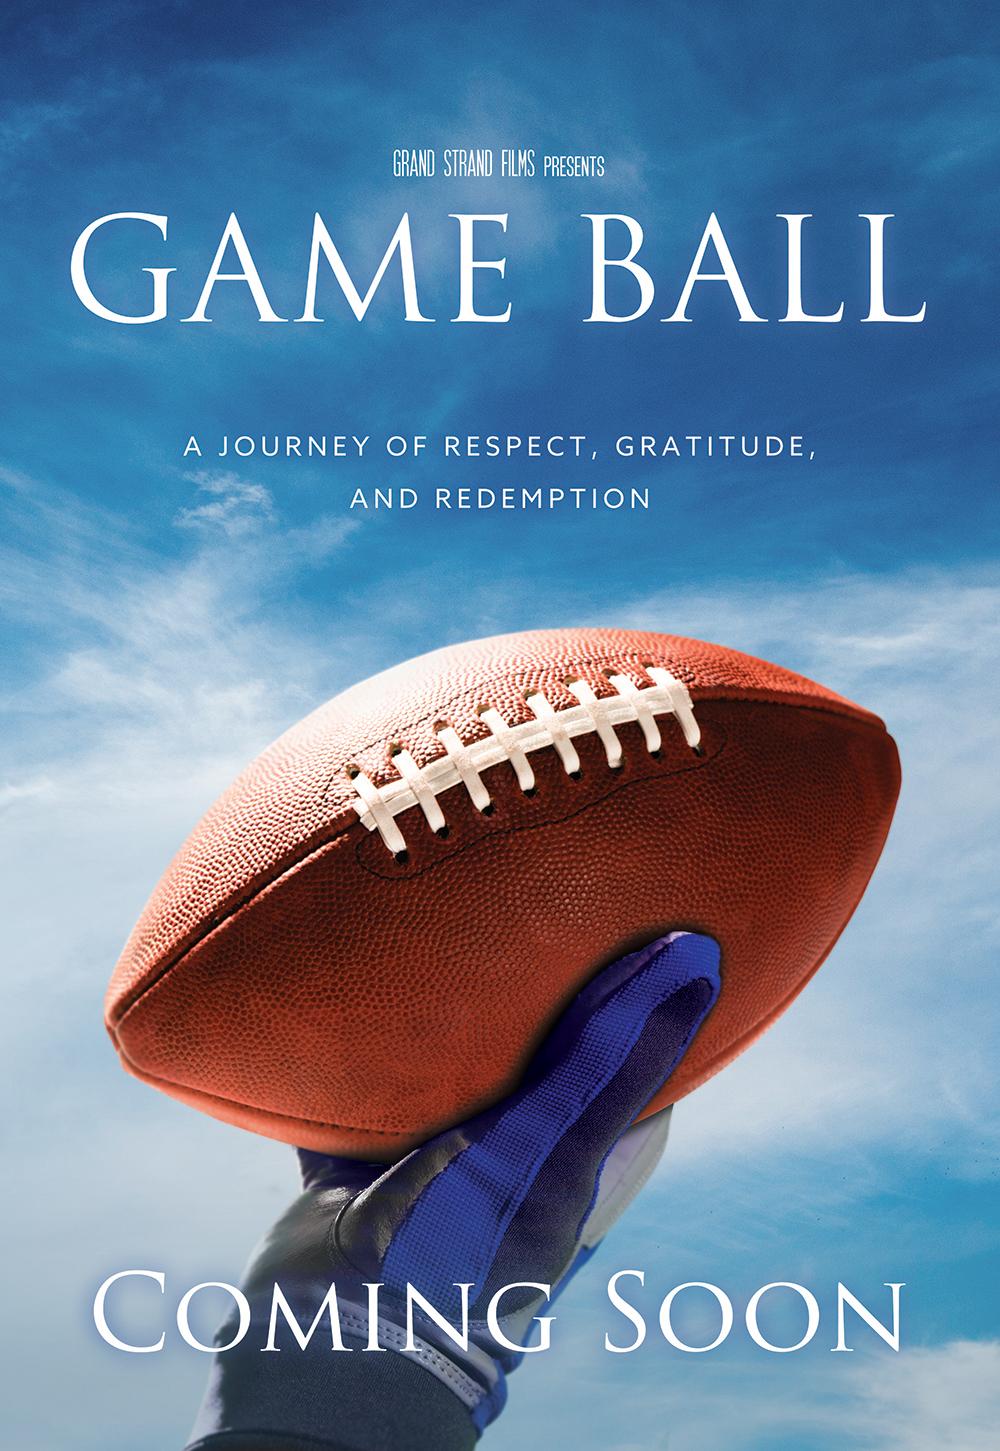 Game Ball Teaser Poster